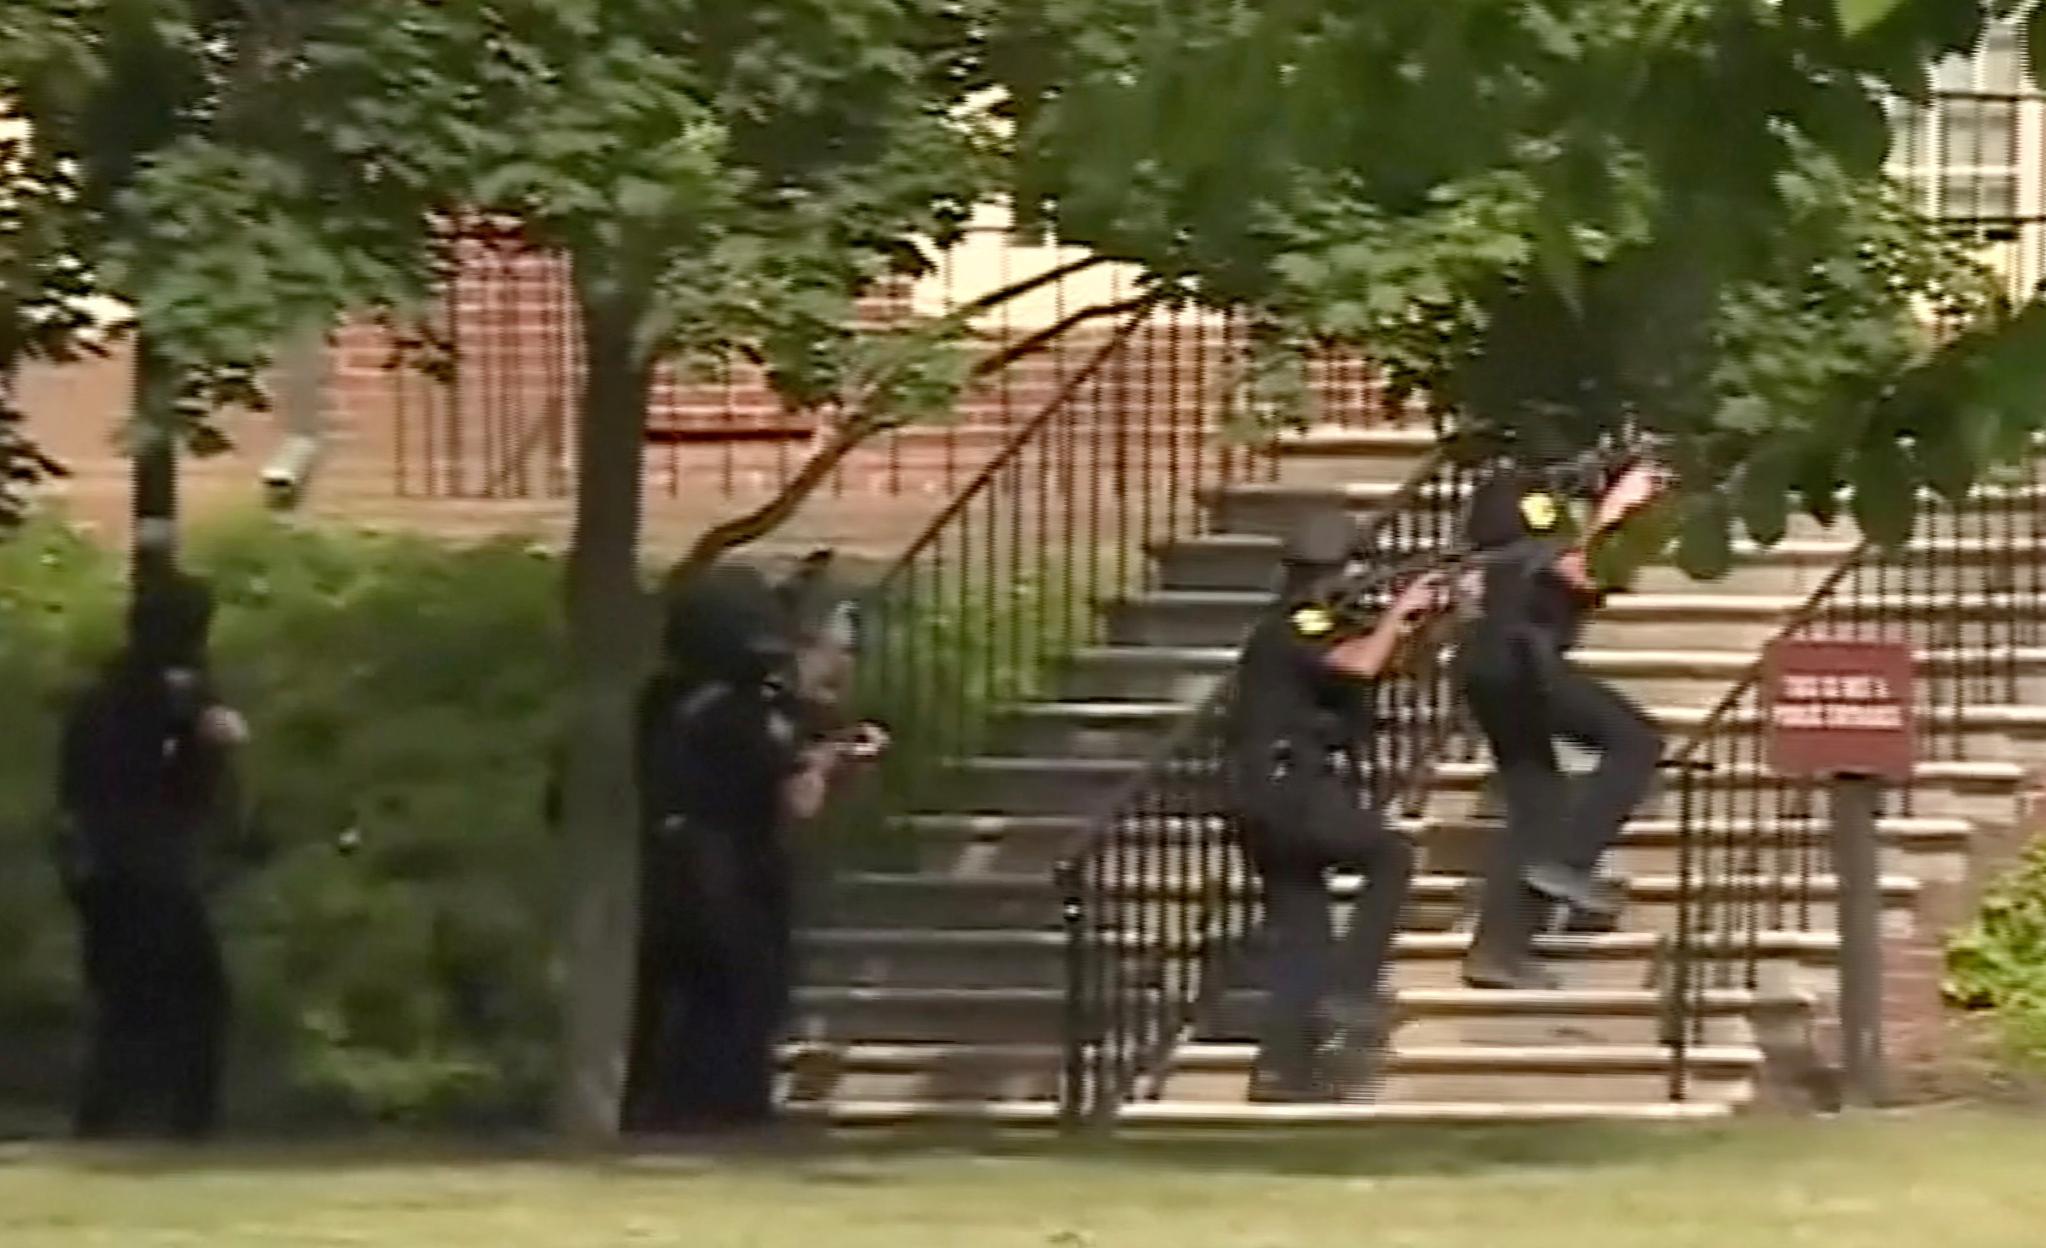 31일 오후(현지시간) 미국 버지니아주 버지니아비치 시청에서 총기 난사 사건이 발생했다. 이날 현장에 출동한 경찰들이 건물 내로 진입하고 있다. [로이터=연합뉴스]